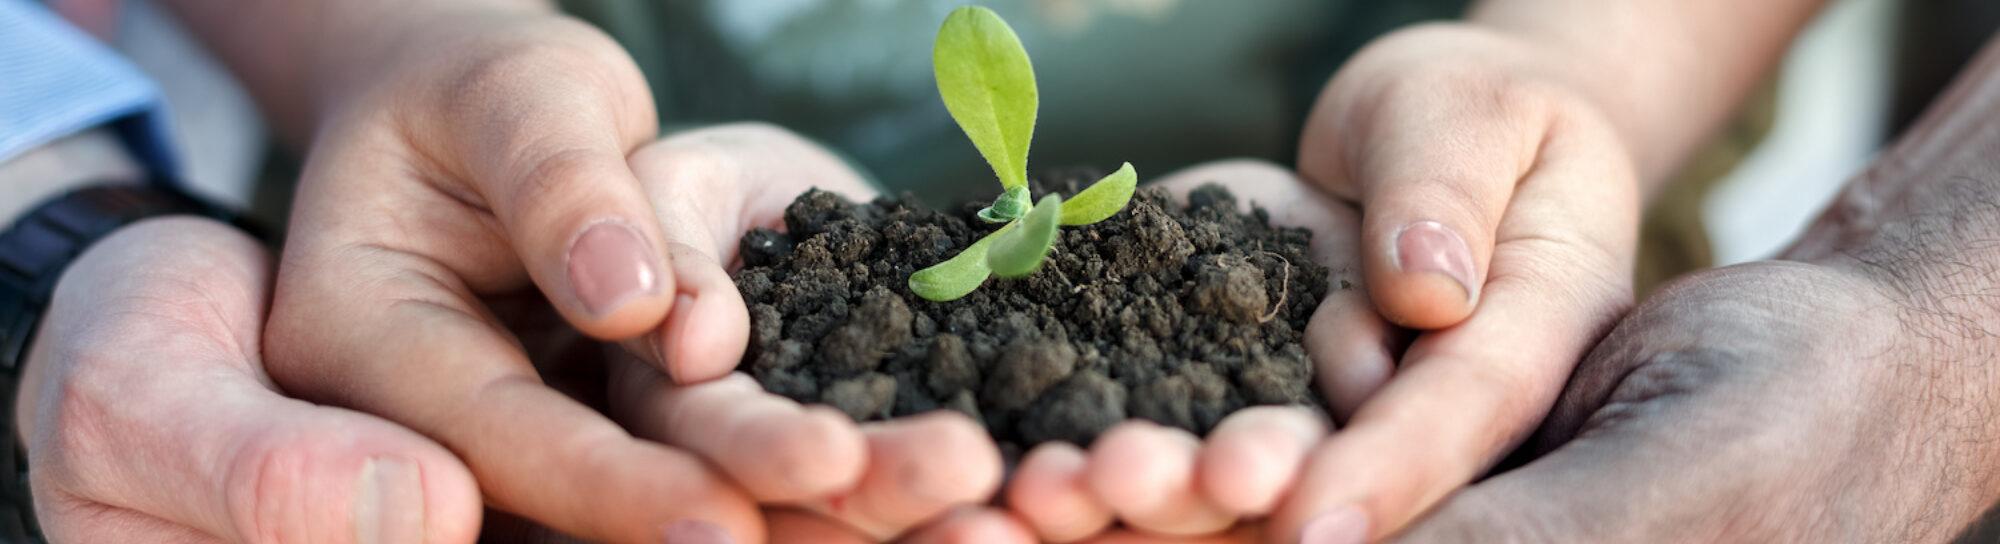 Mehr Nachhaltigkeit für Mensch und Umwelt